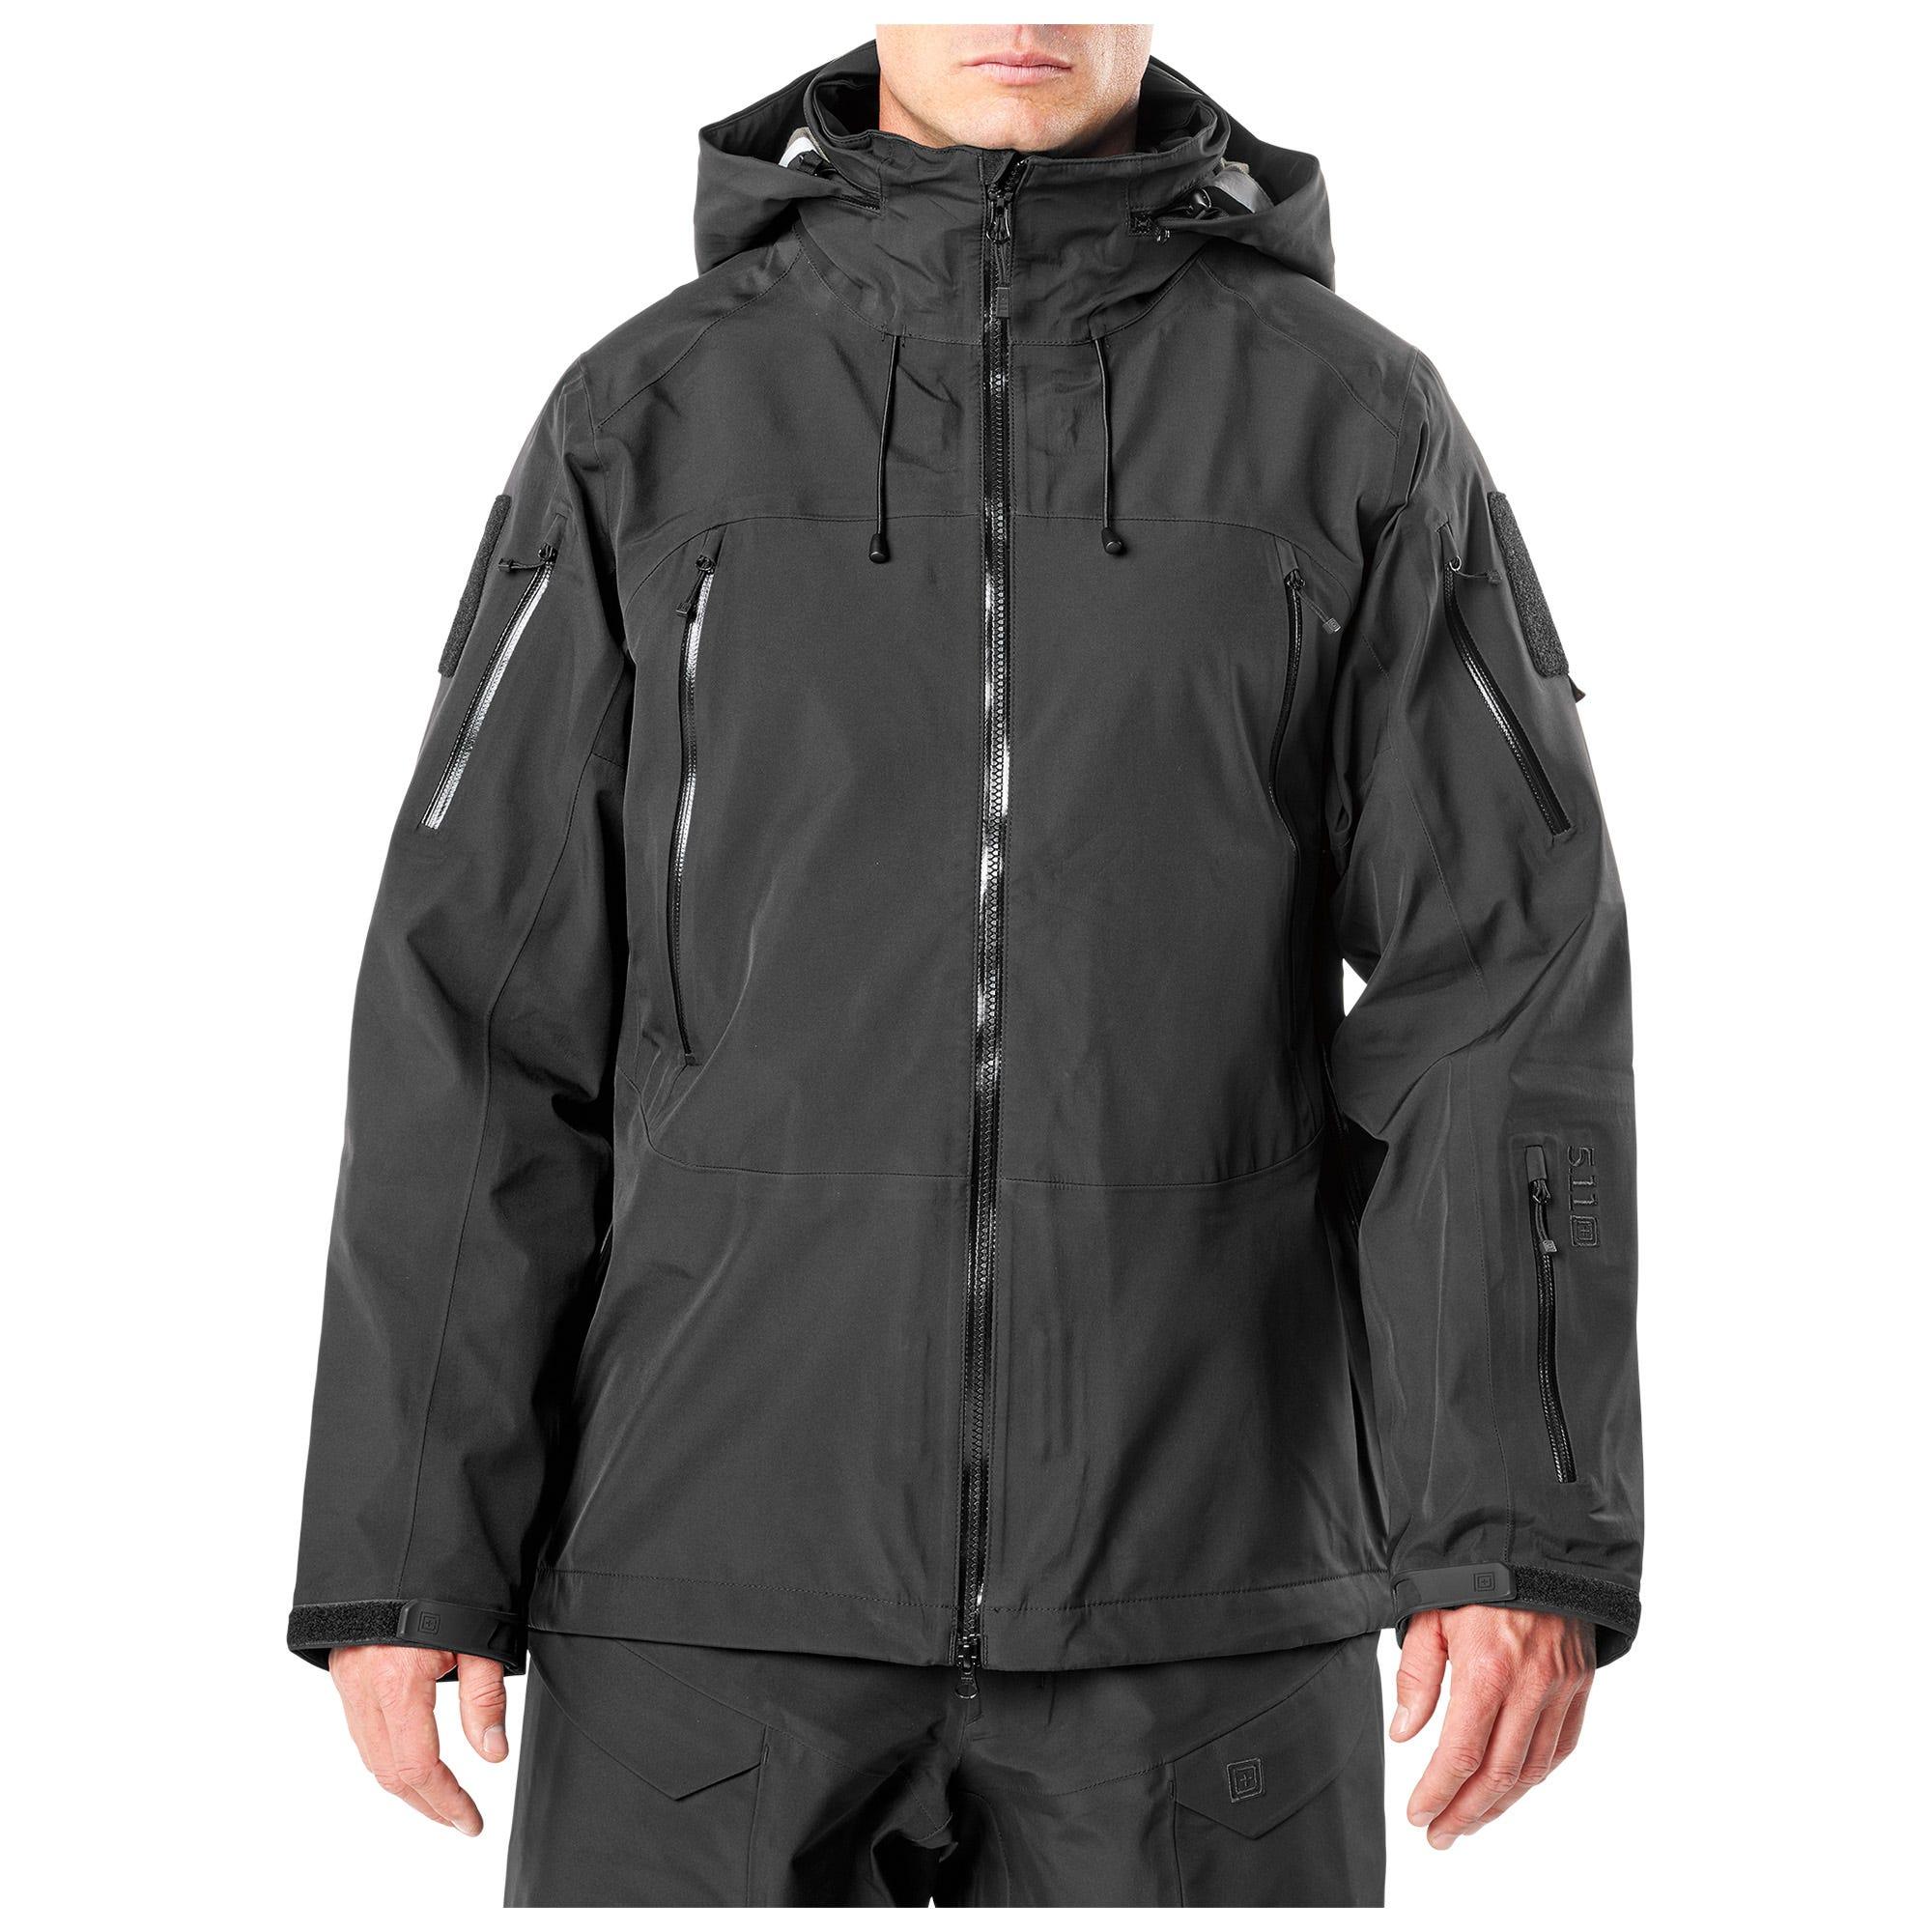 5.11 Tactical Men's XPRT Waterproof Jacket (Black)